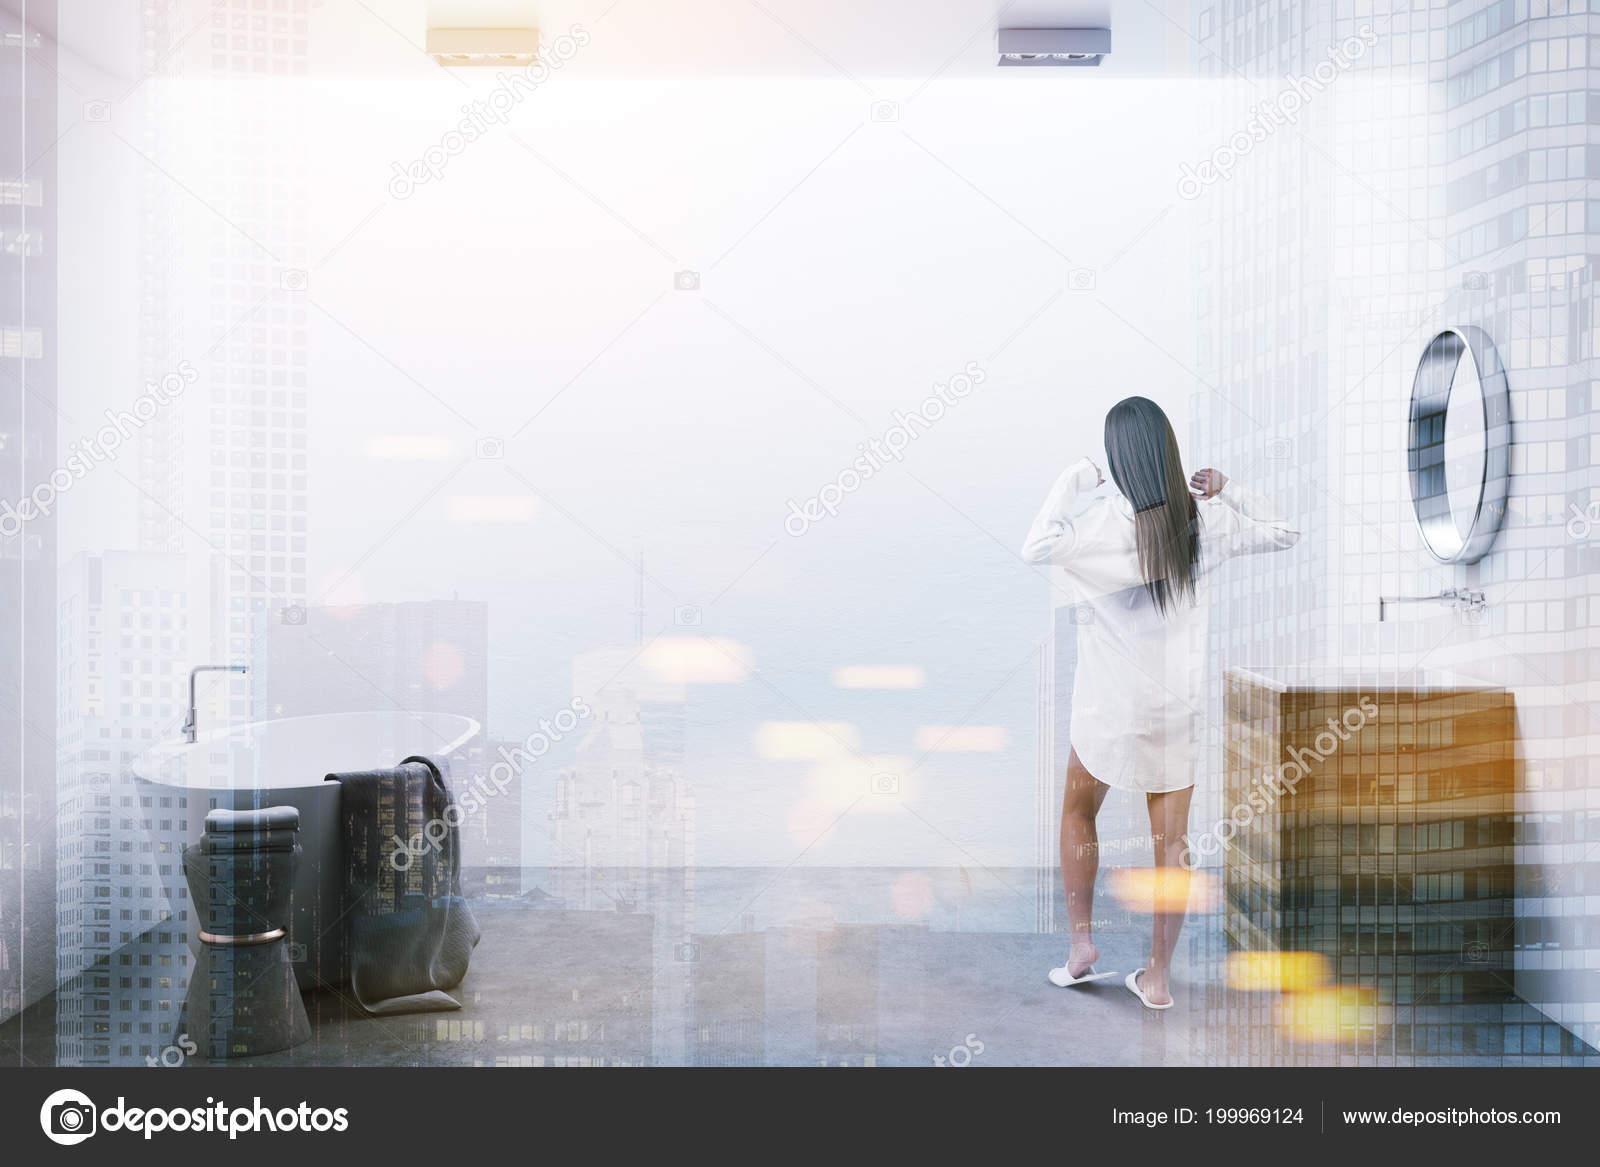 Vasca Da Lavare In Cemento : Arredo minimalista con pareti bianche pavimento cemento una vasca